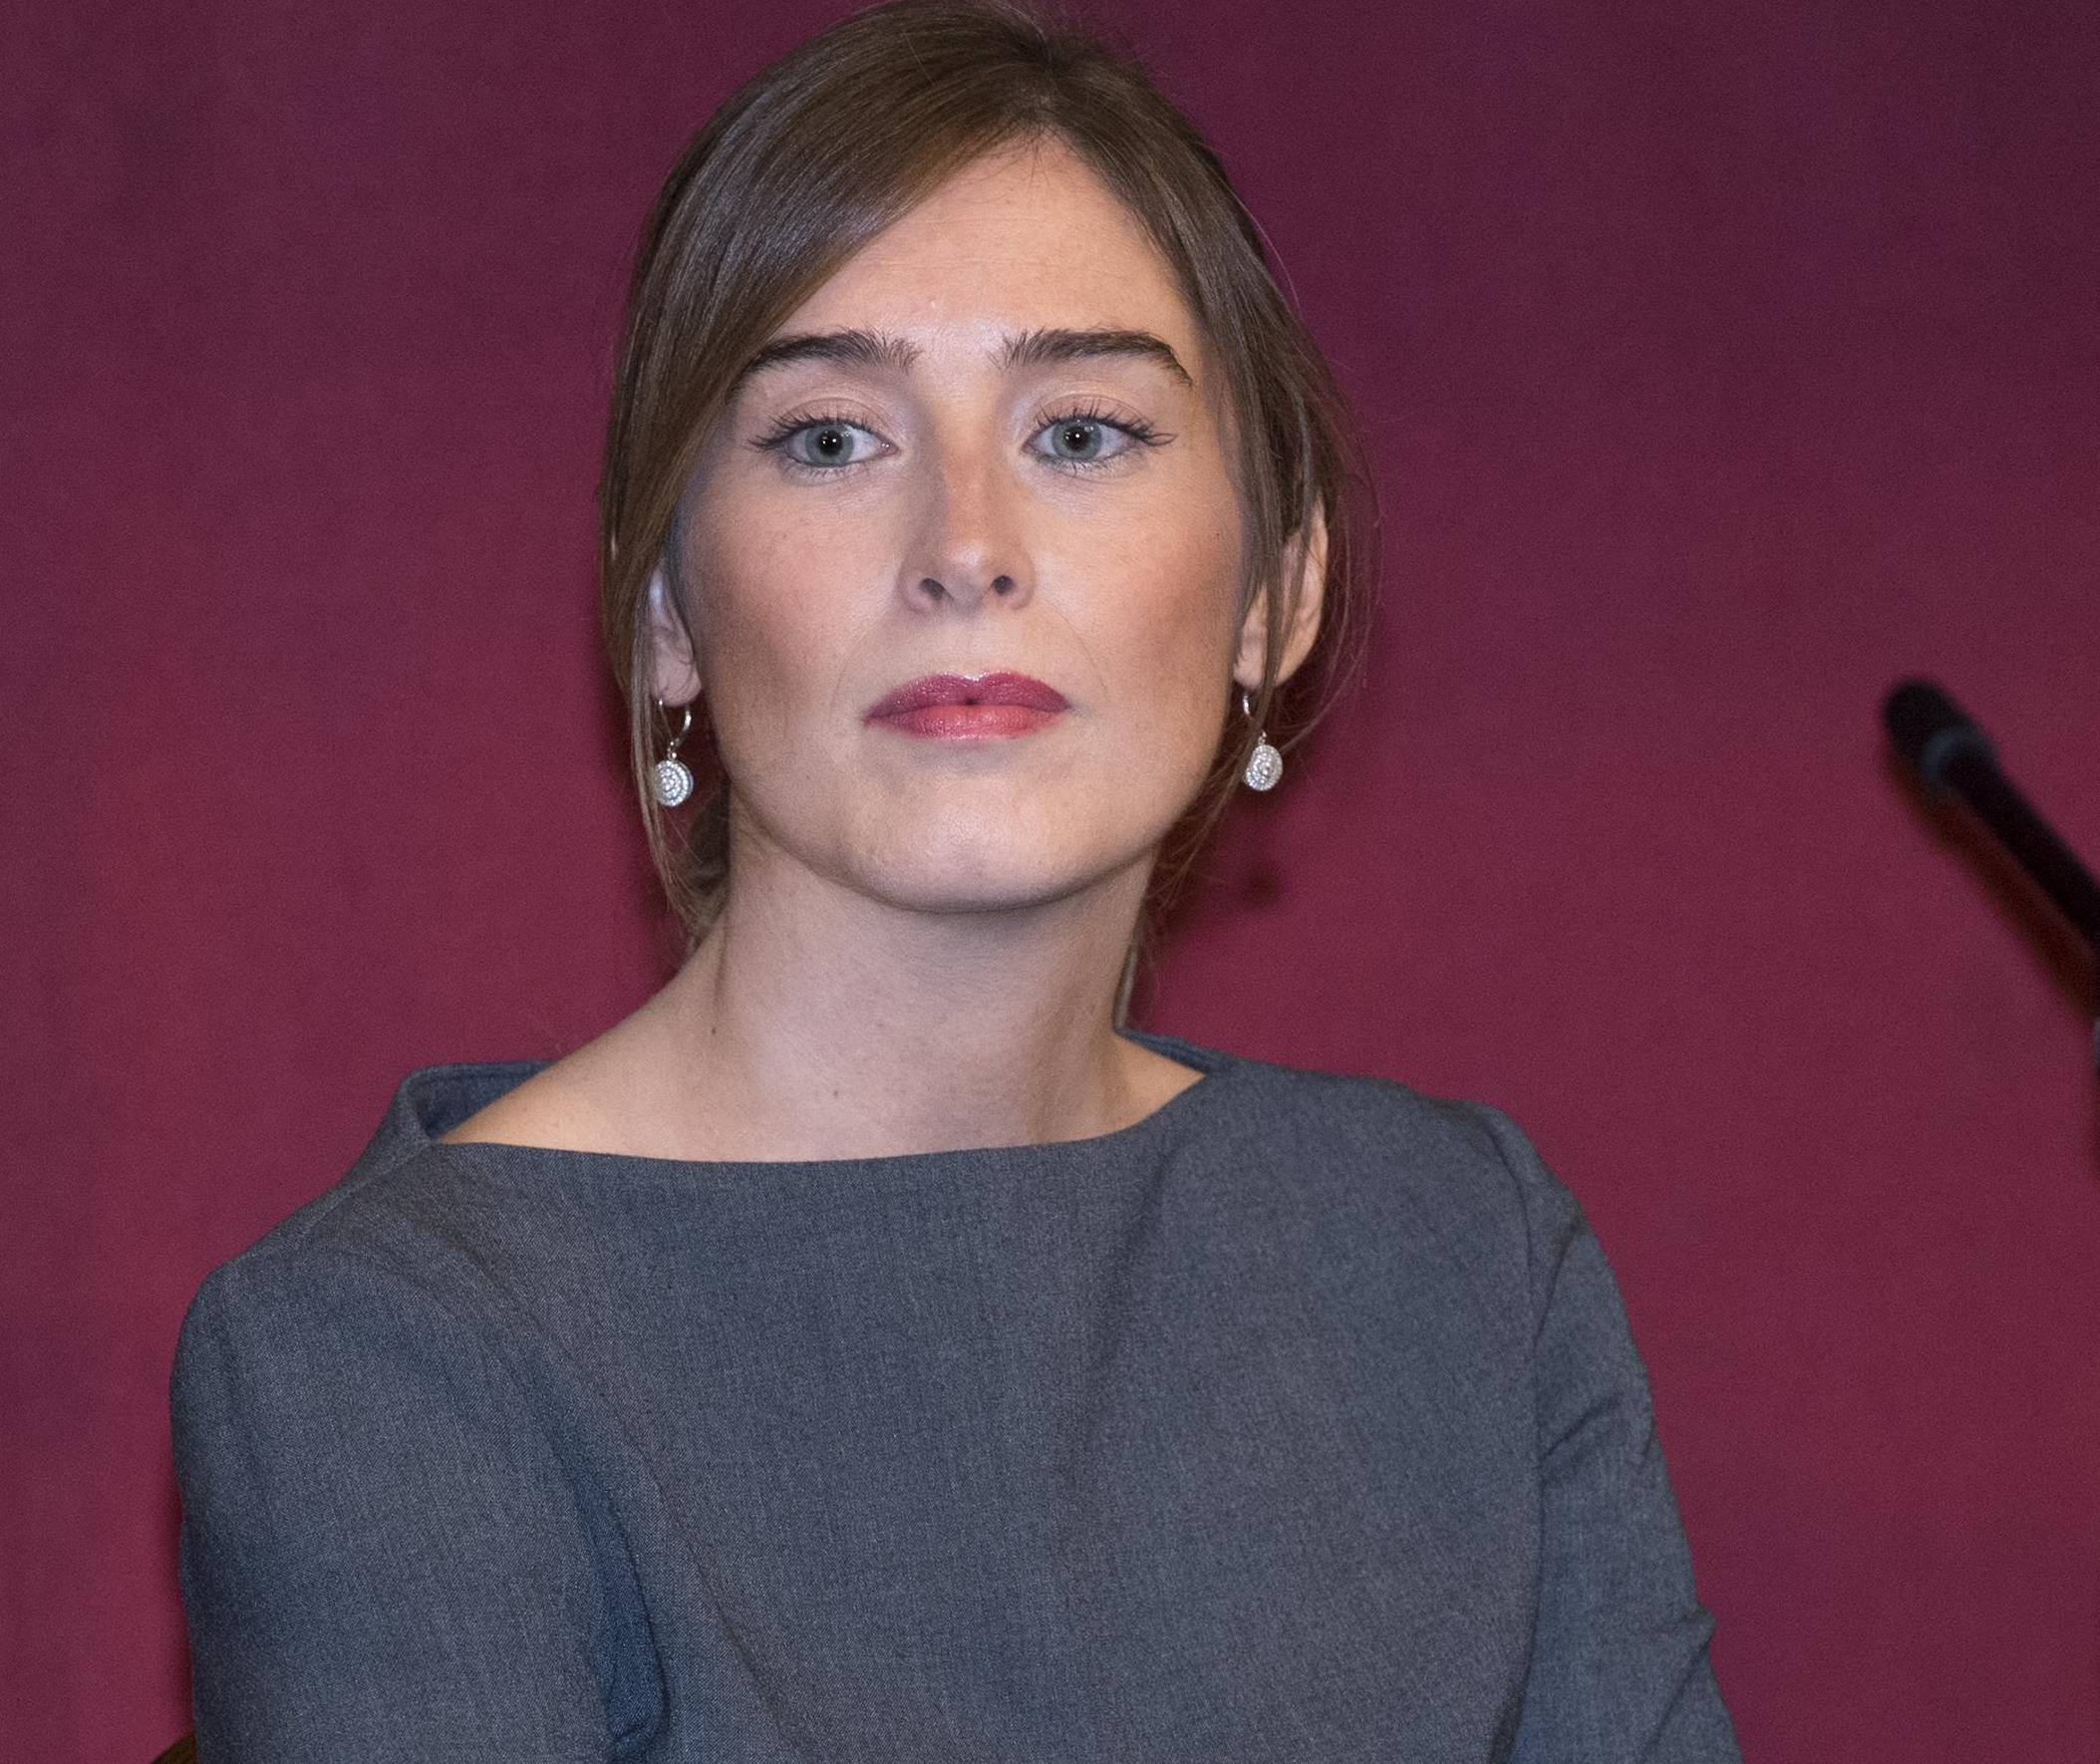 Maria Elena Boschi parla della violenza sulle donne